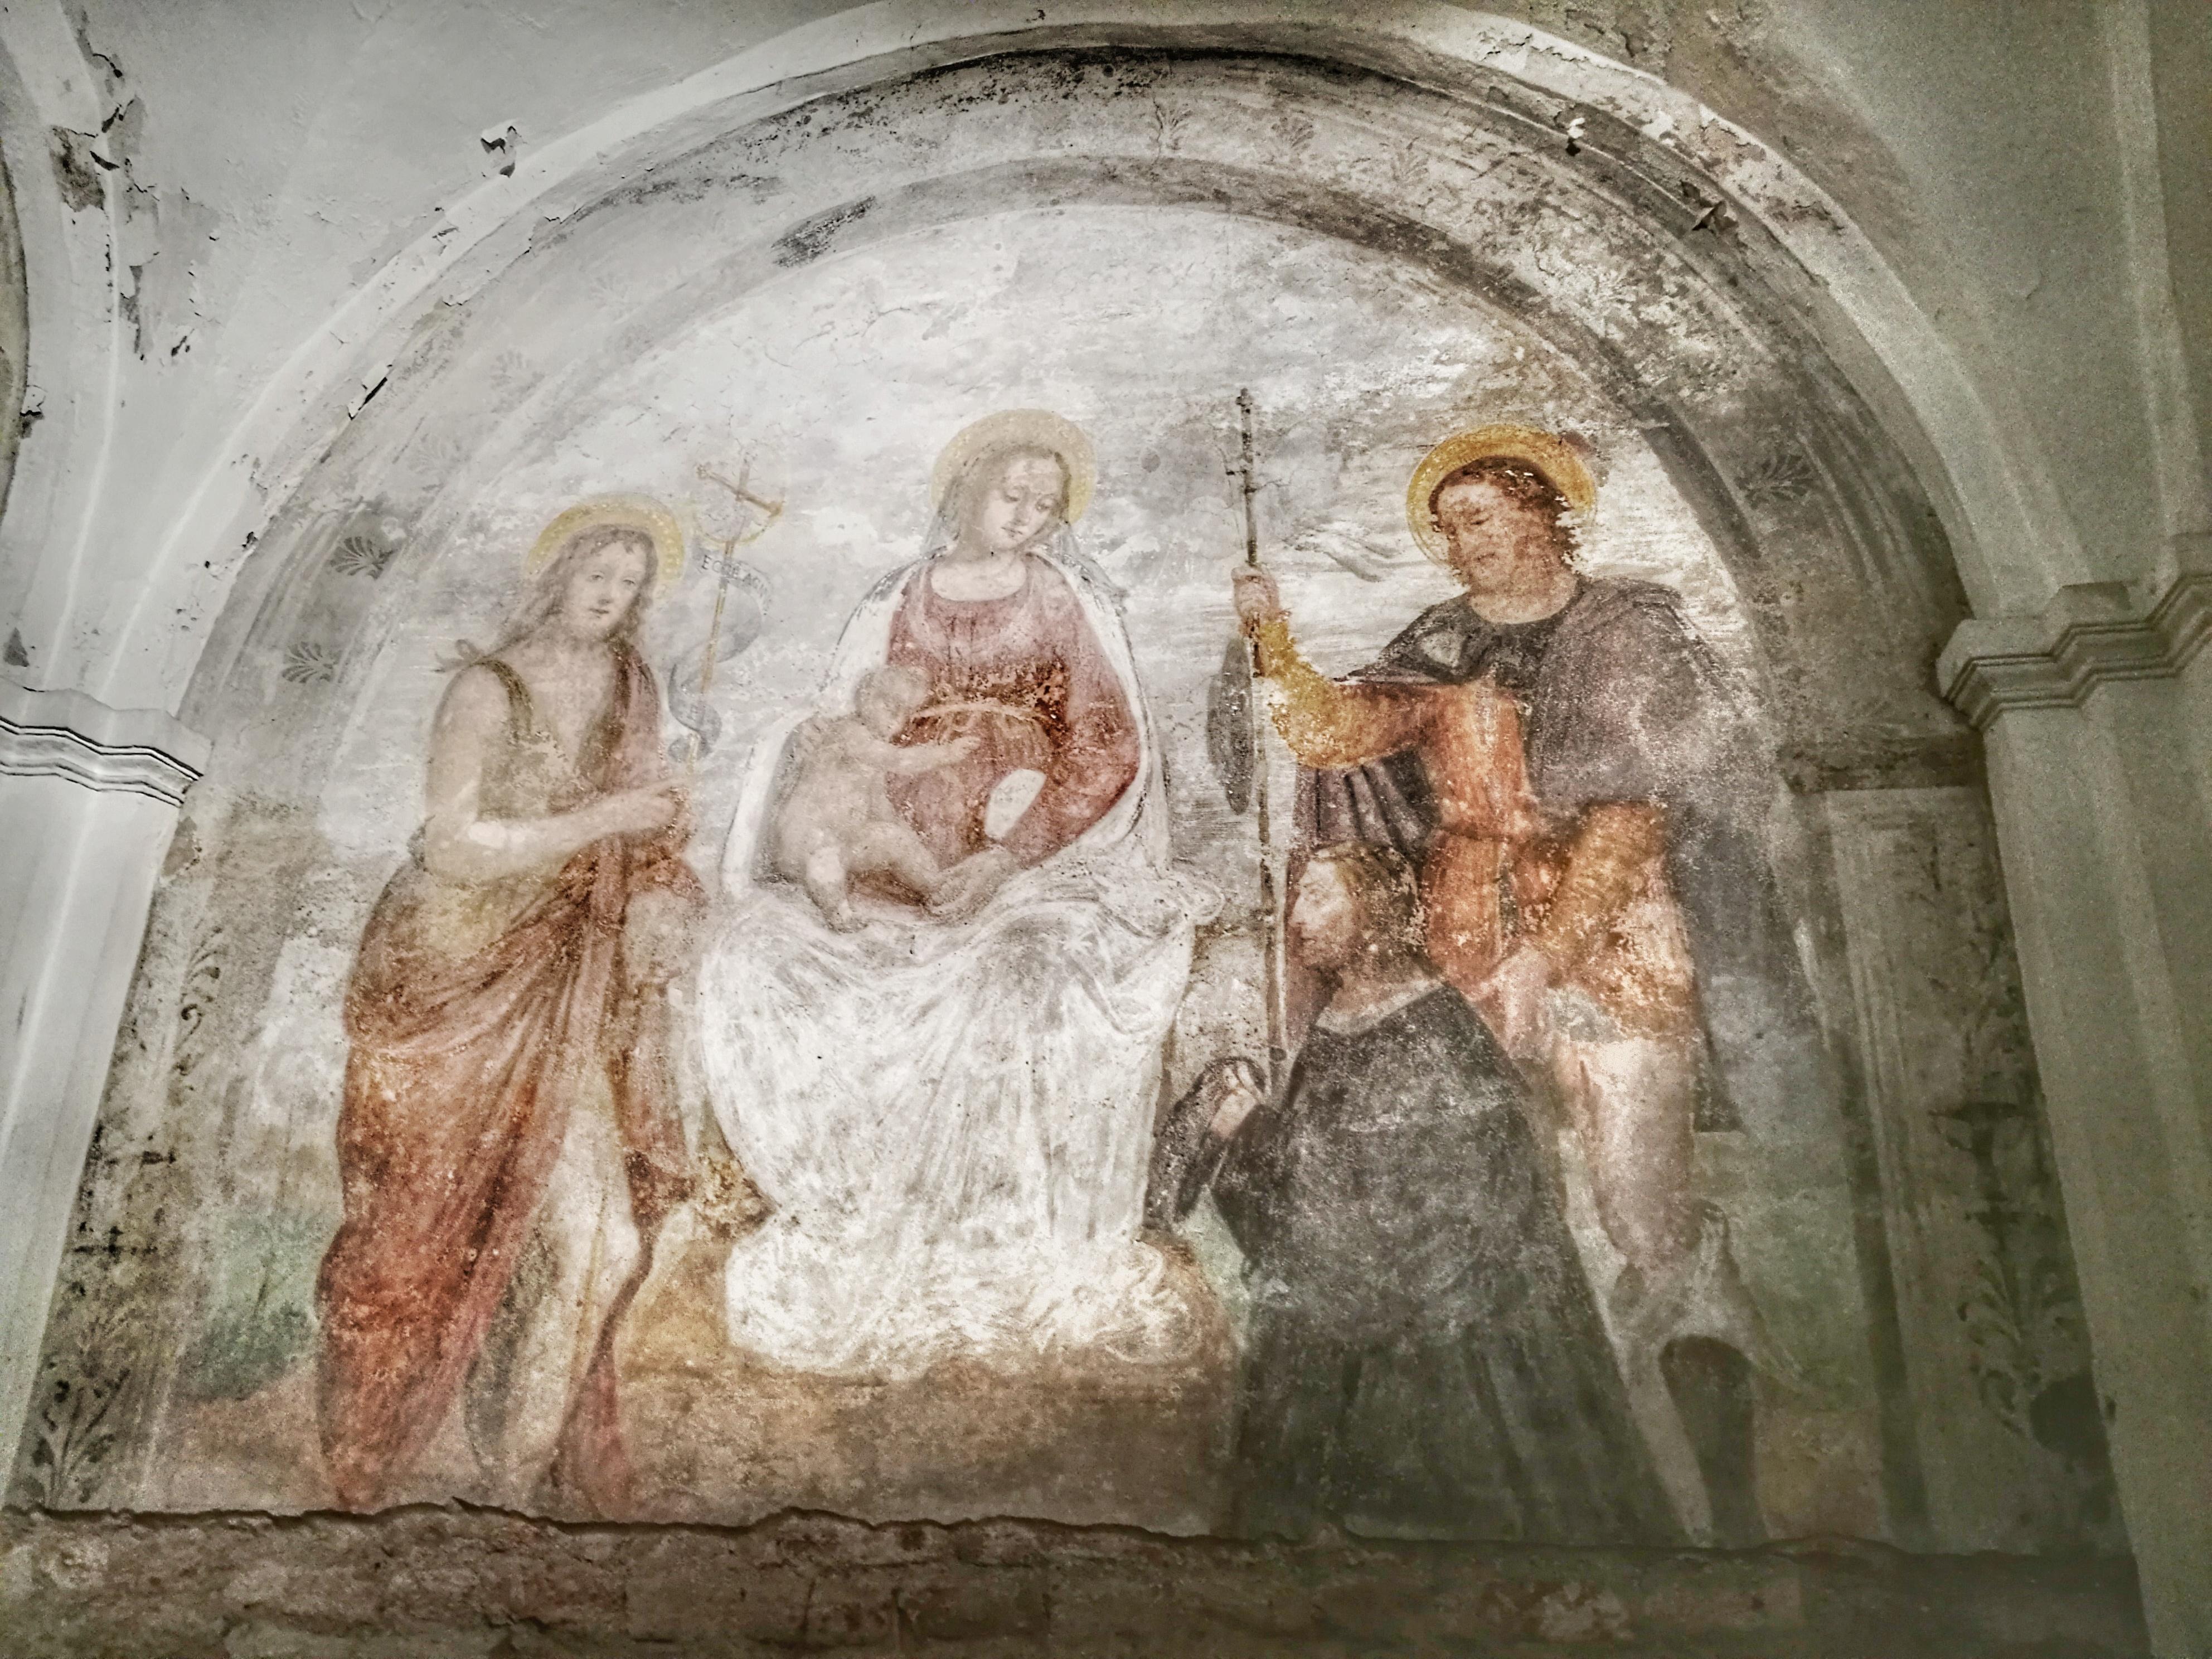 Milano sotterranea cripta San Sepolcro